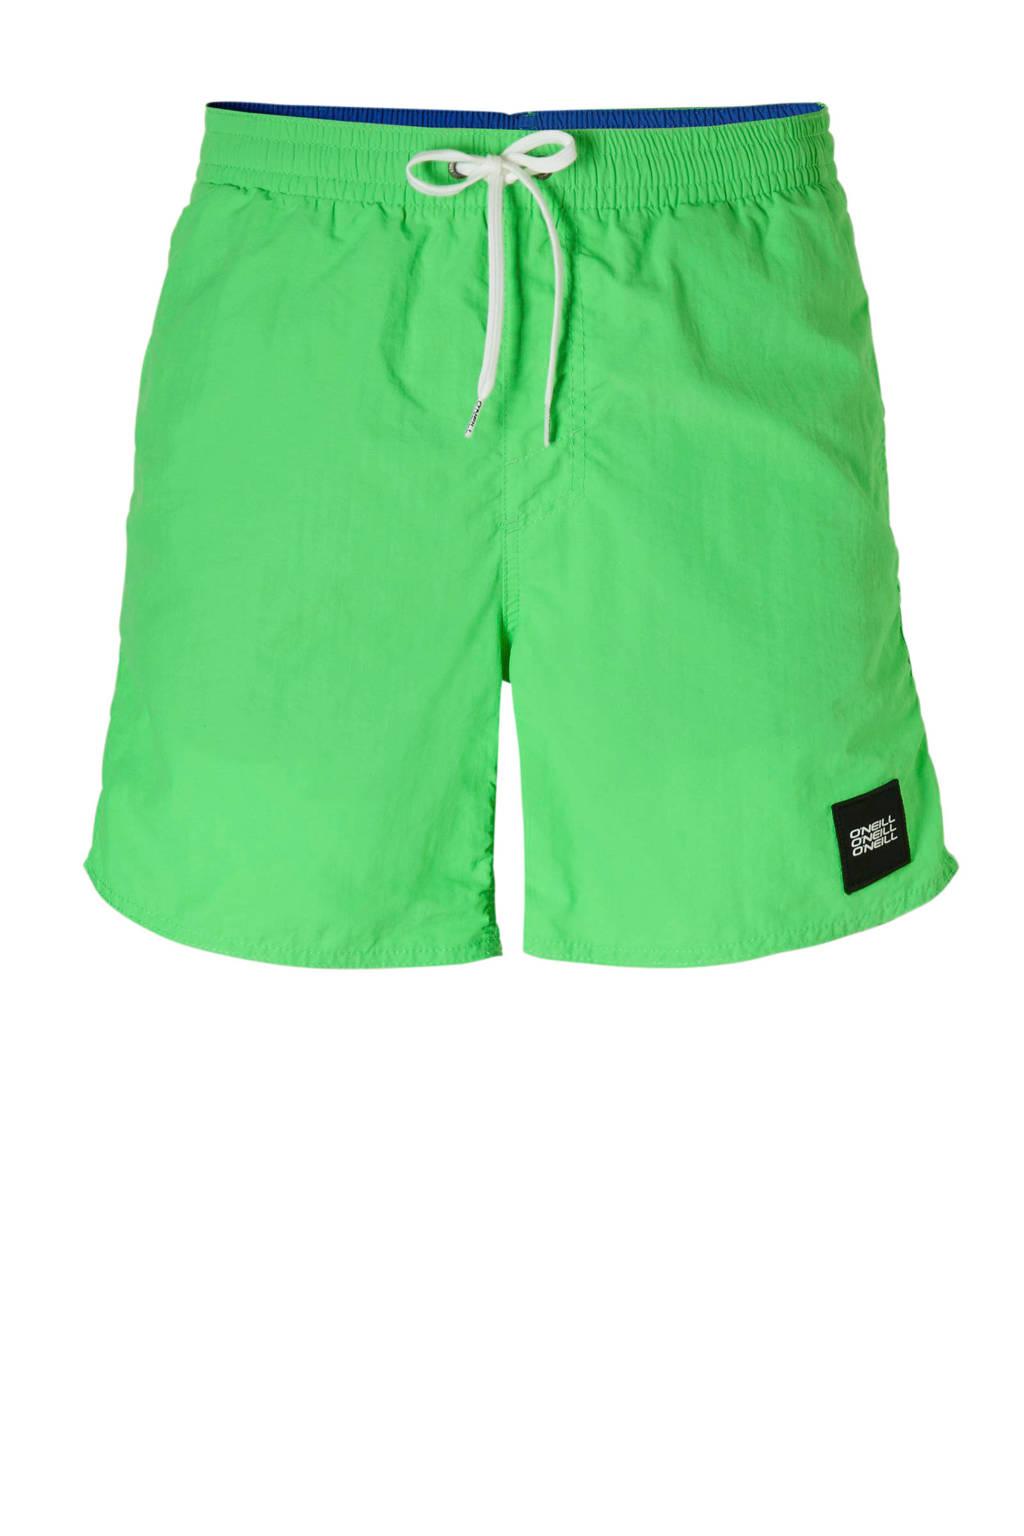 O'Neill zwemshort met zakken groen, Groen